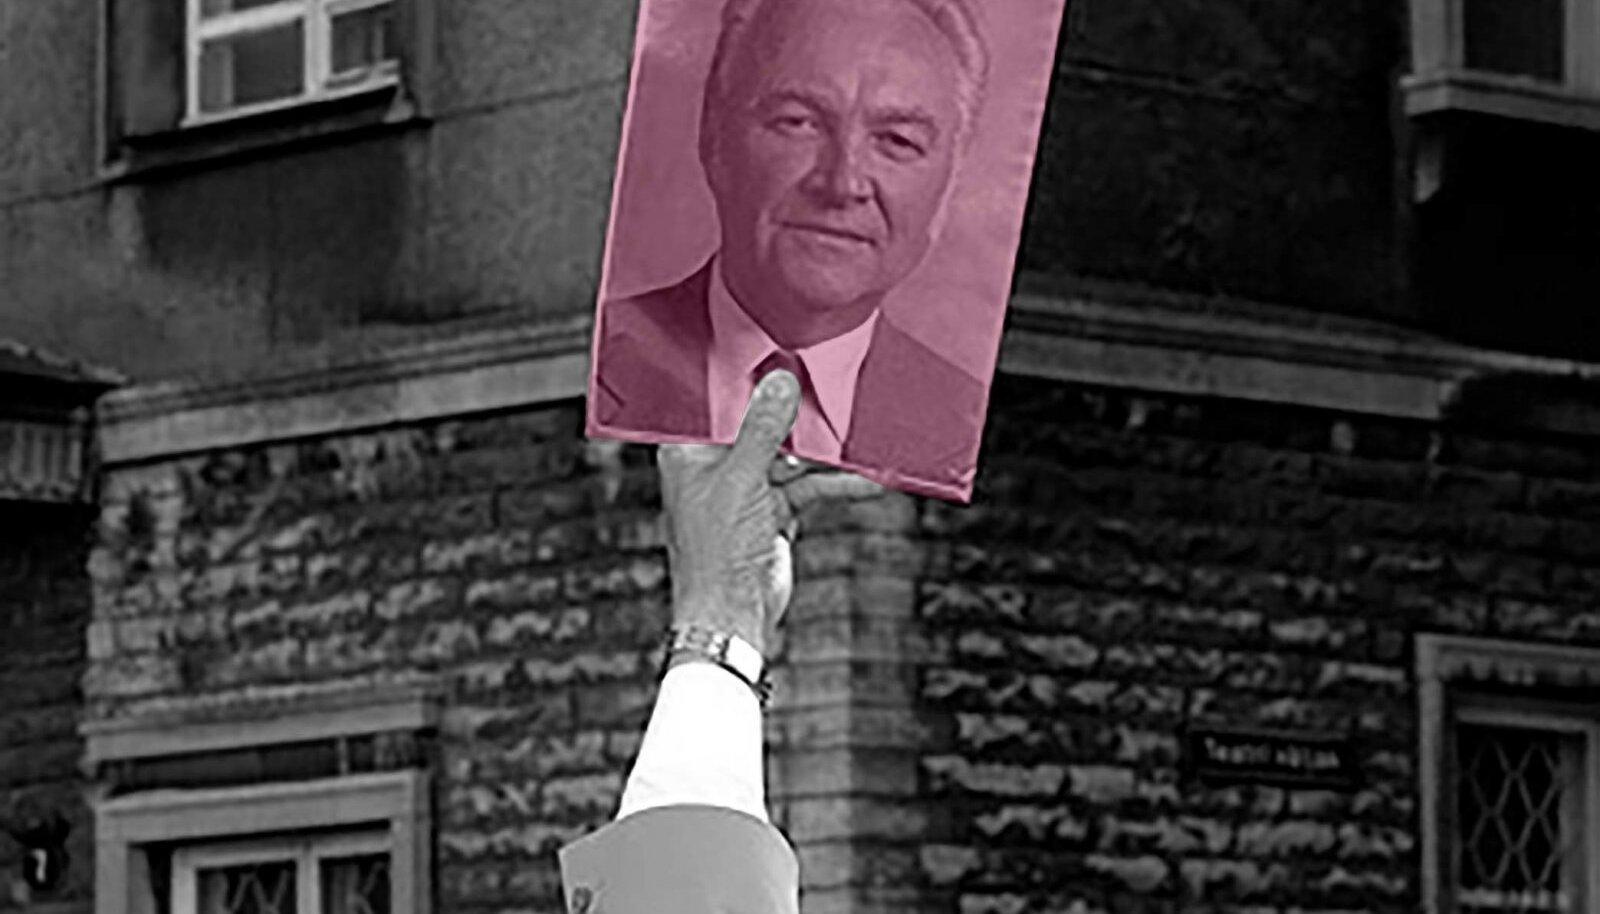 Ka 2006. aastal väitis Rahvaliidu juht Villu Reiljan, et tal on Arnold Rüütli presidendiks saamiseks hääled koos. Läks aga teisiti ja võitis Toomas Hendrik Ilves